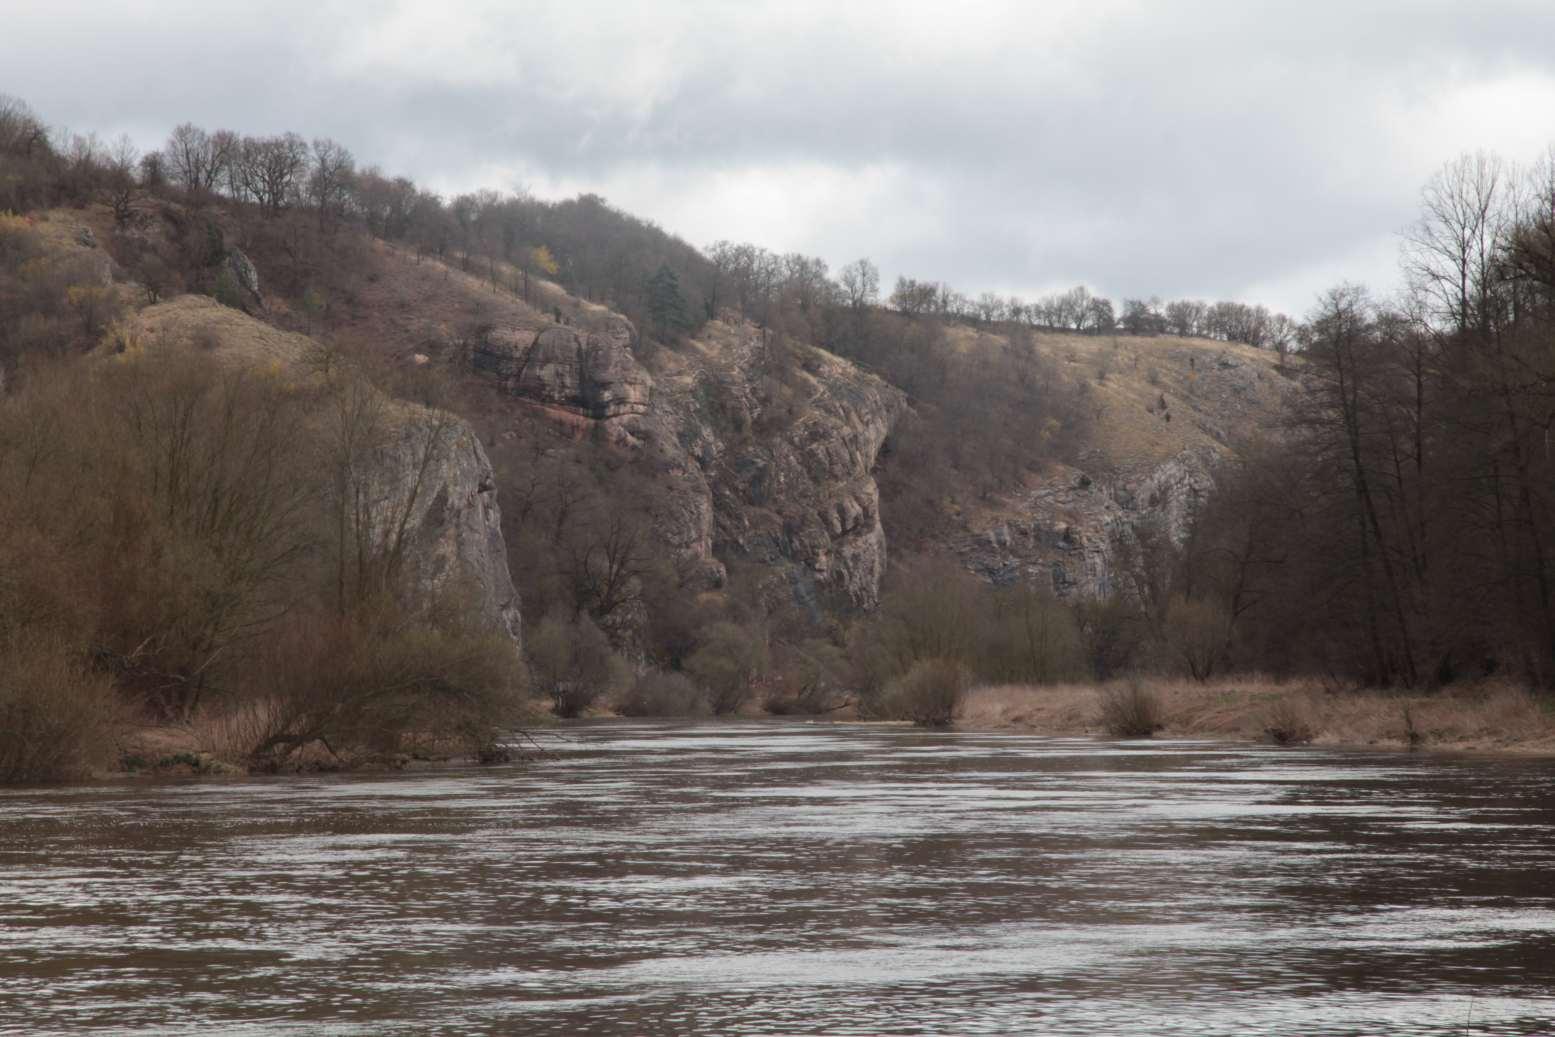 Tam k těm skalám za rozvodněnou řekou se také chceme dostat